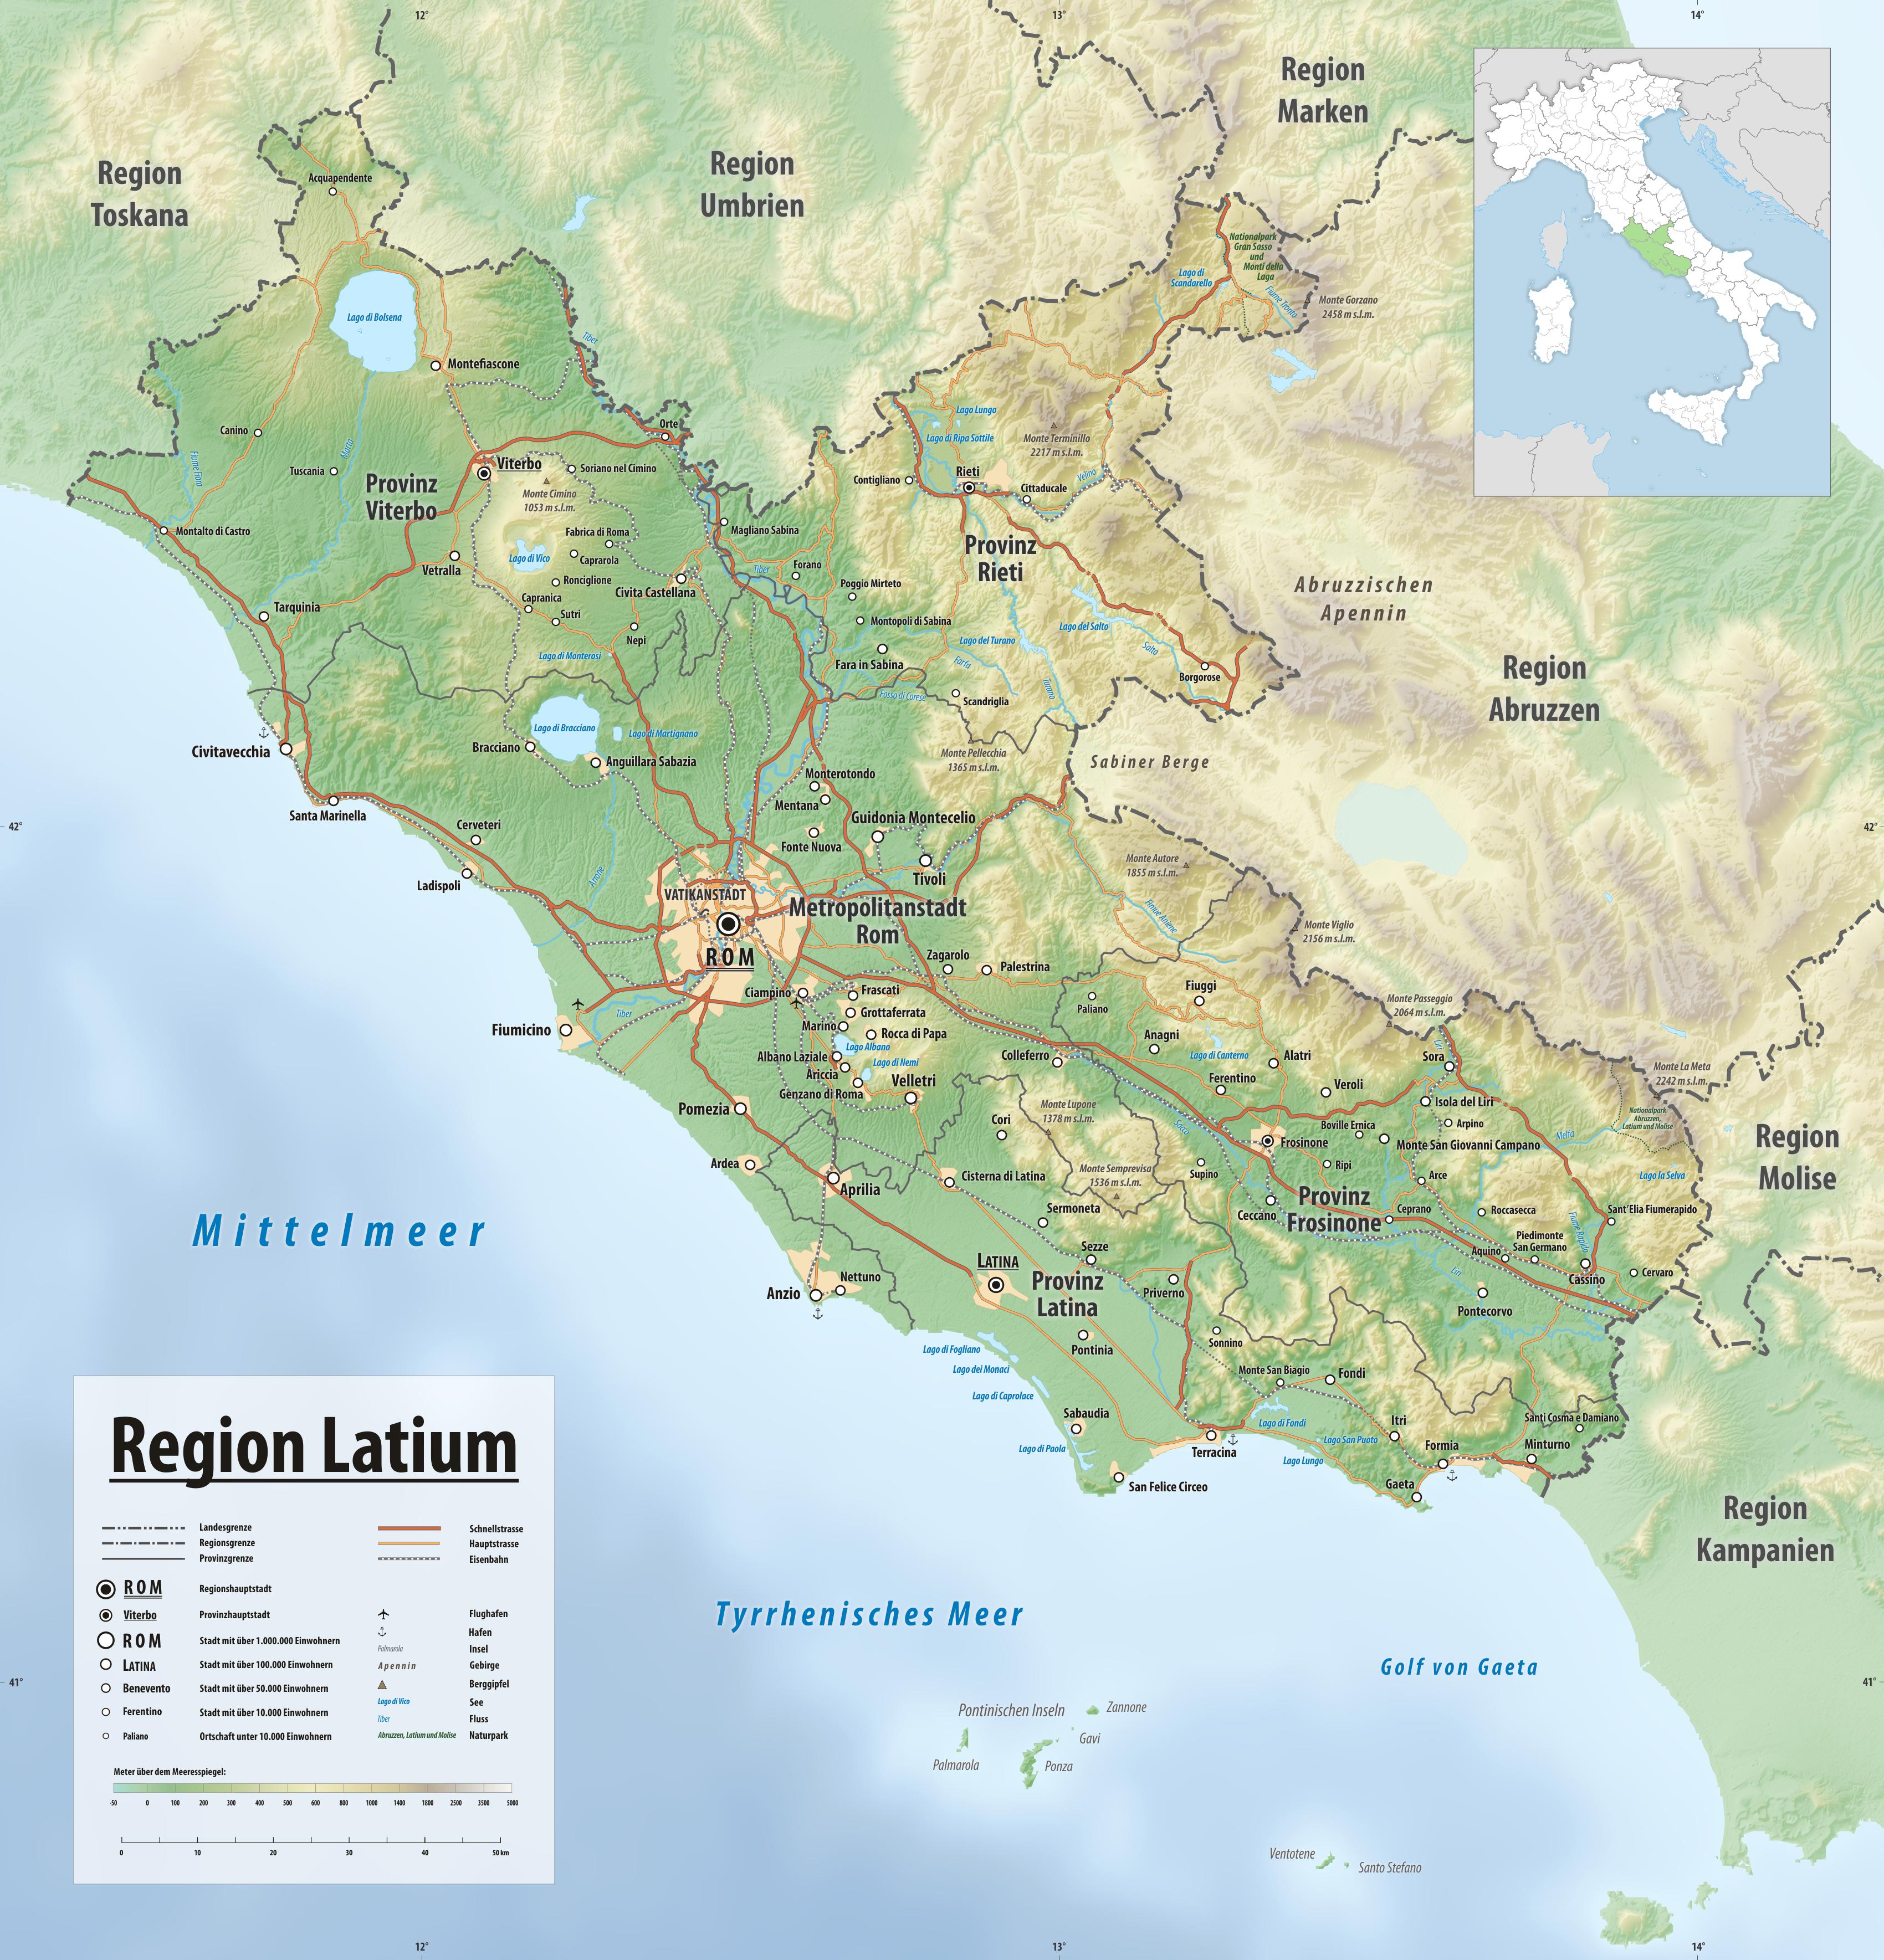 Reliefkarte Latium 2019.png